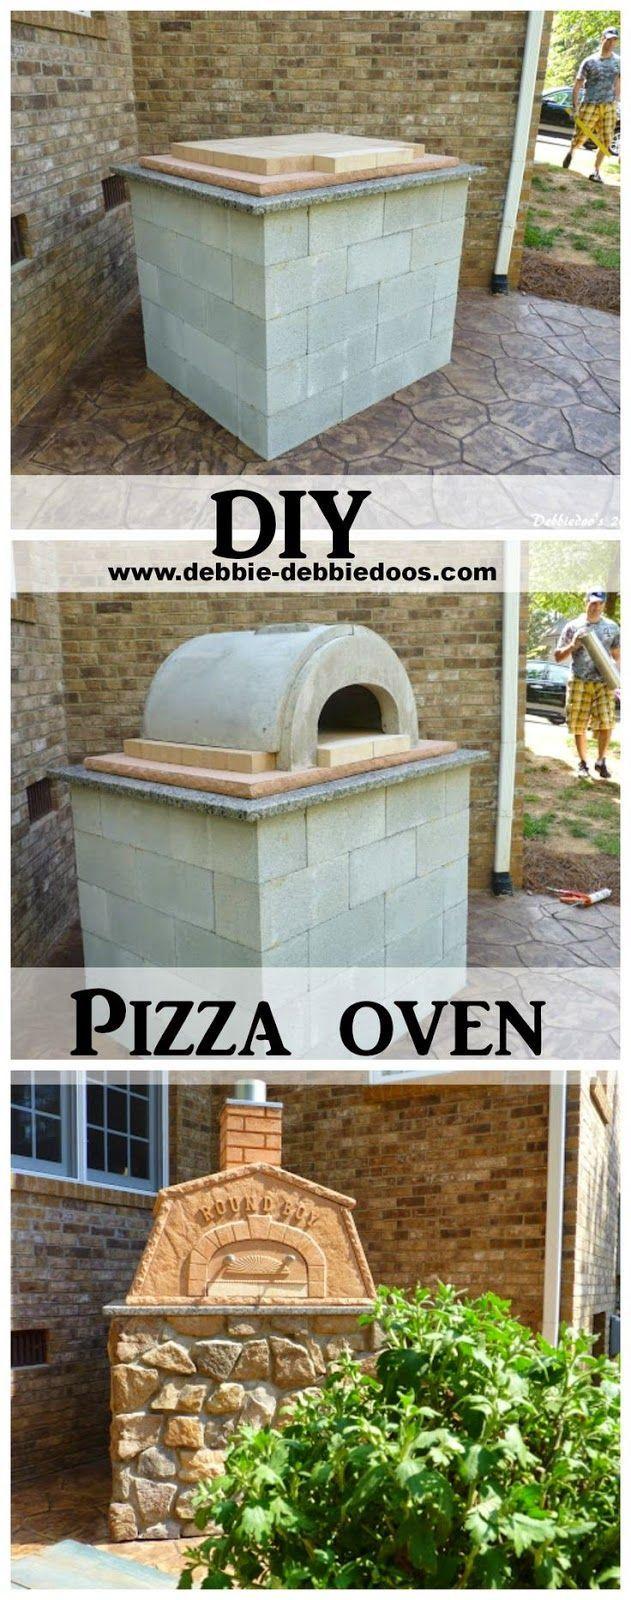 DIY Outdoor pizza oven! - Debbiedoo's   Outdoor, Pizza ...